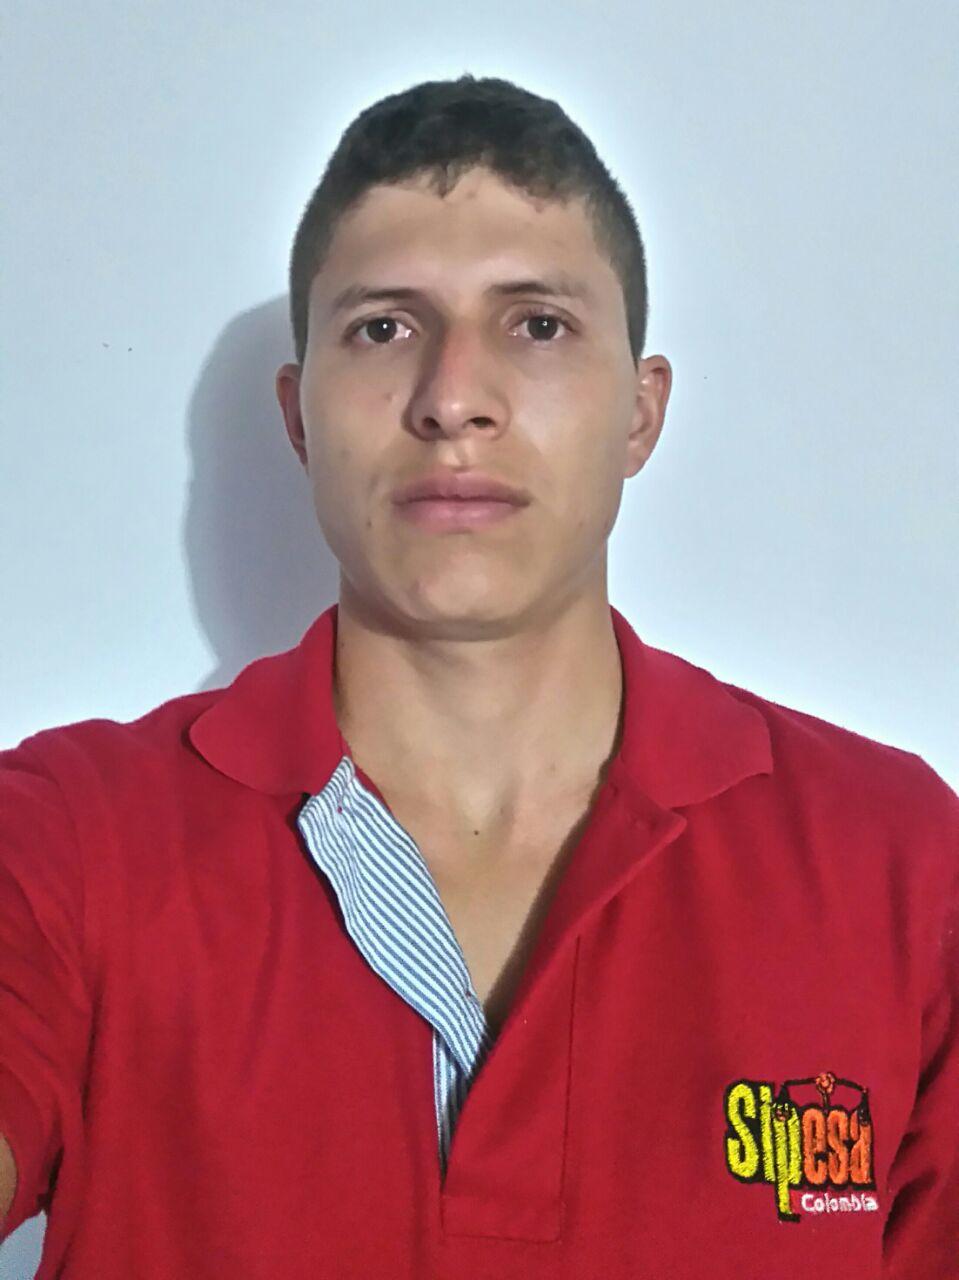 Santiago Acosta Ceballos